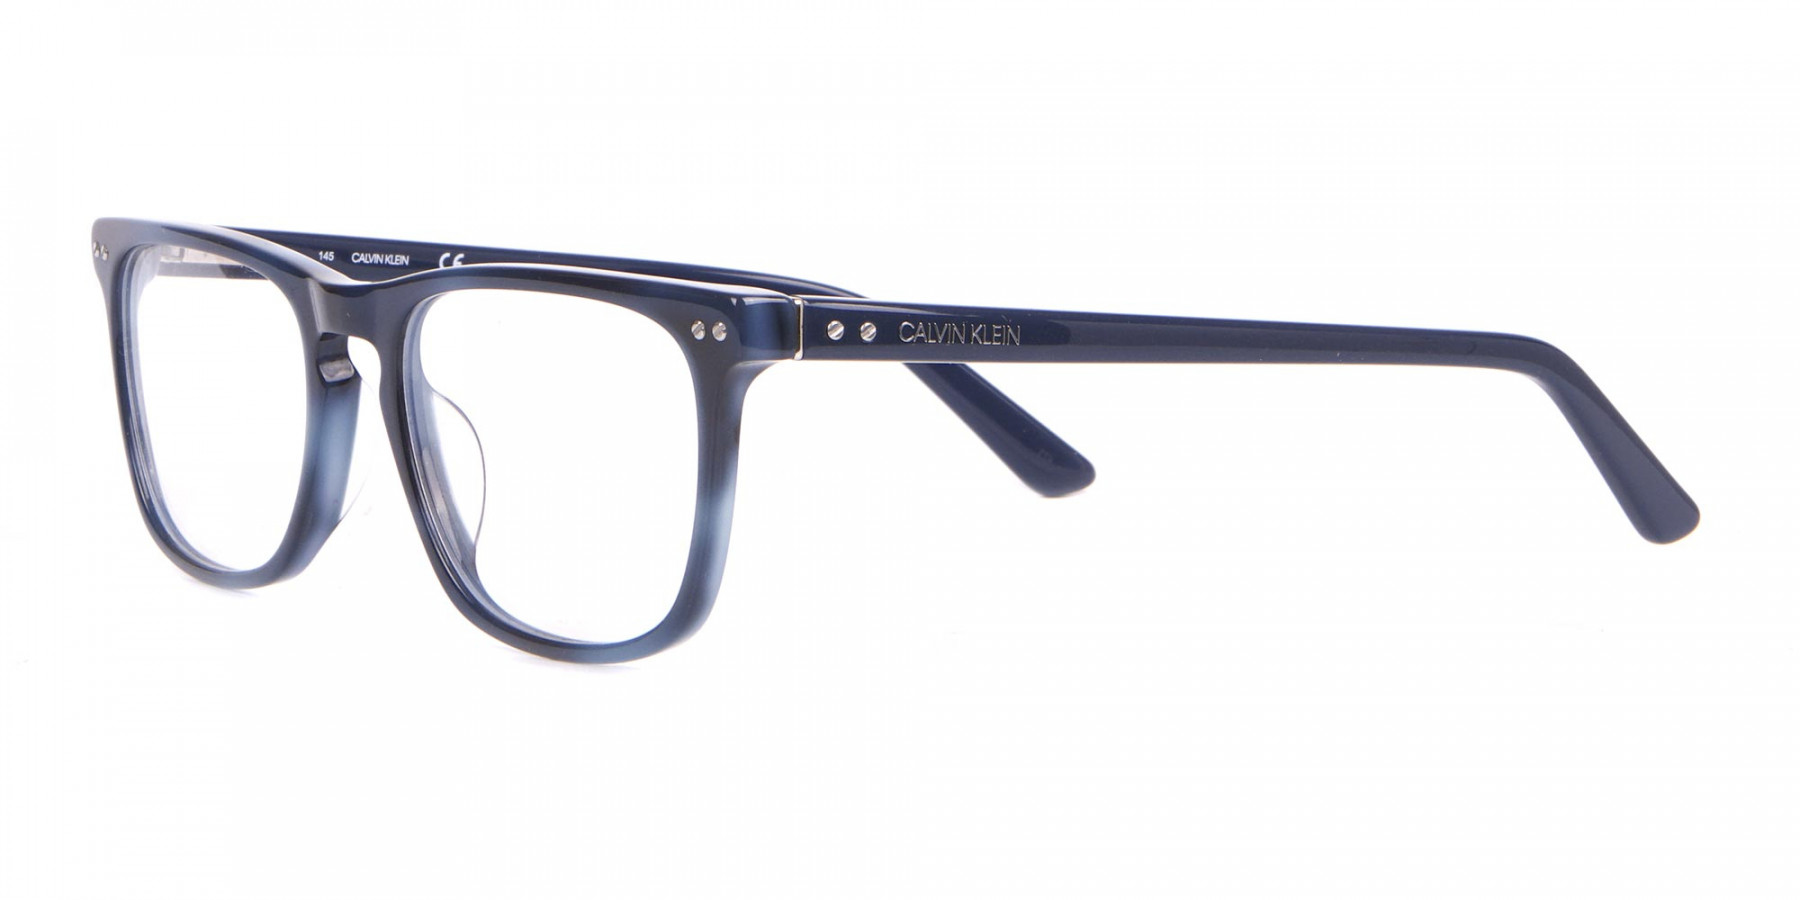 Calvin Klein CK18513 Rectangular Glasses in Tortoiseshell -1